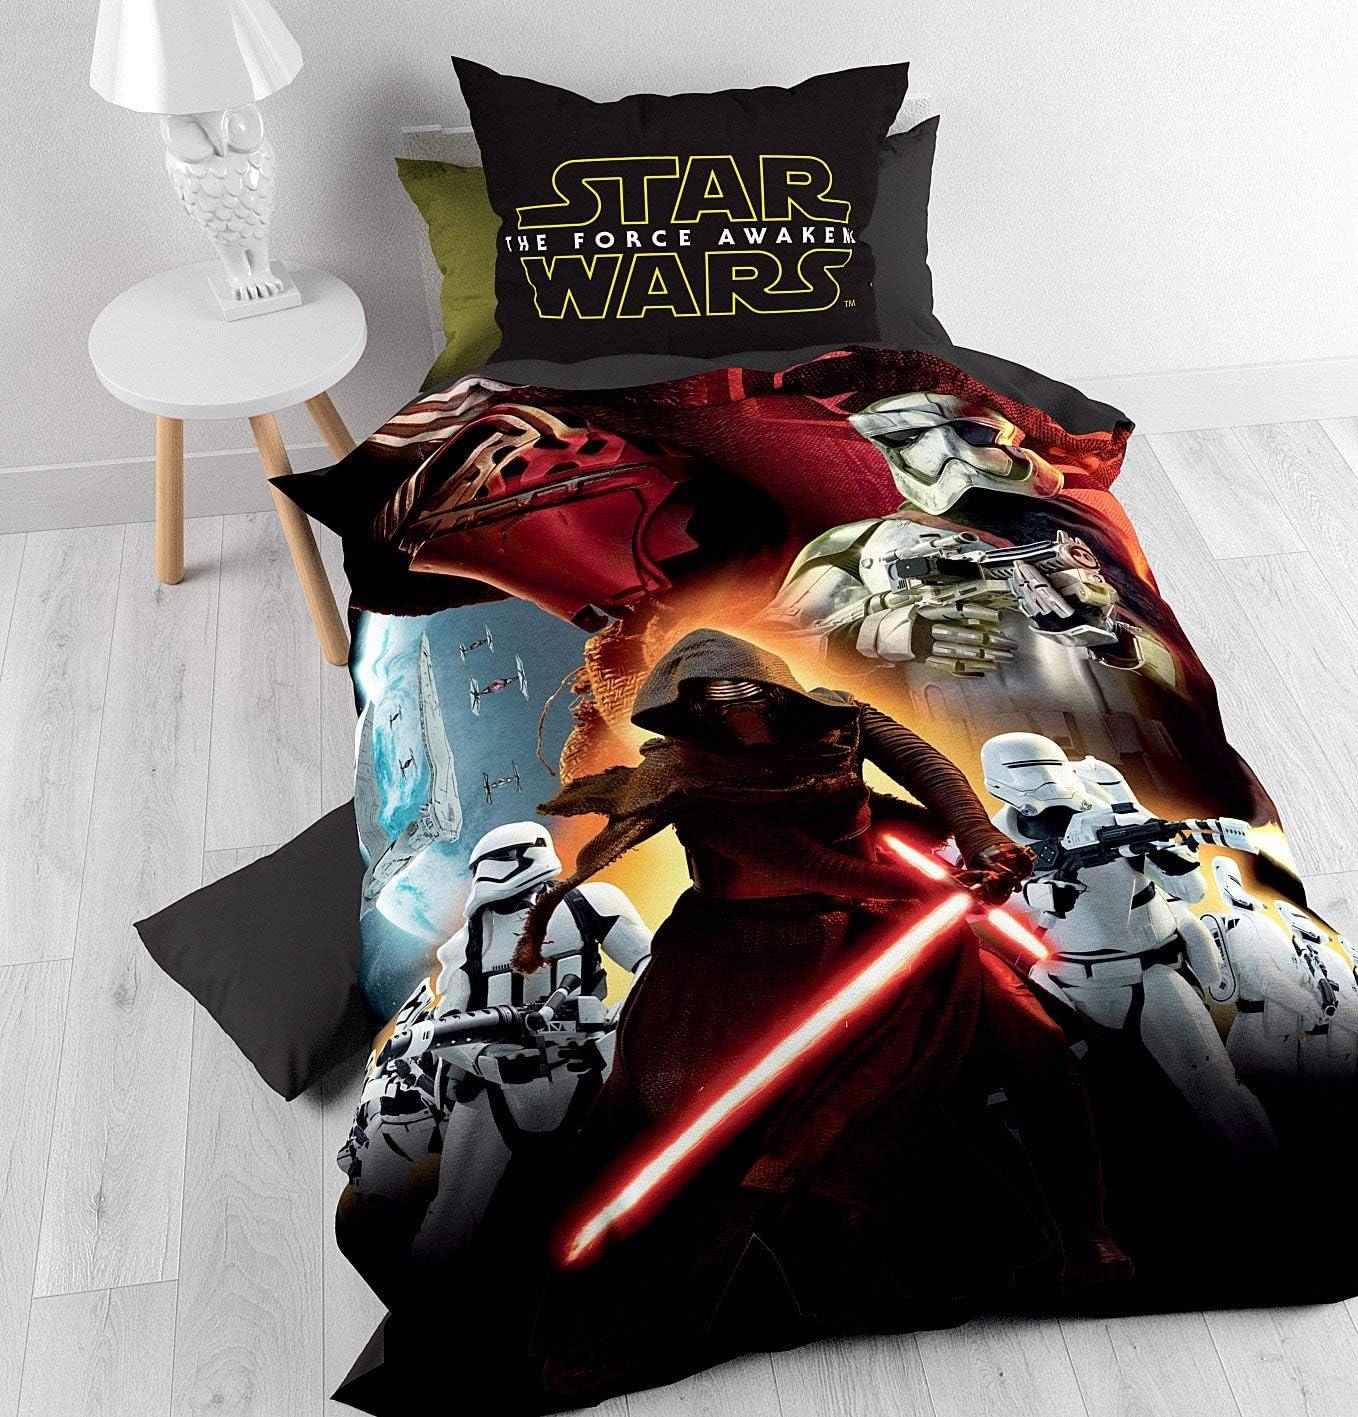 con 1 Funda De Almohada 60cm x 70cm 140cm x 200cm Disney Funda n/órdica Star Wars Epic 7 Total Negro